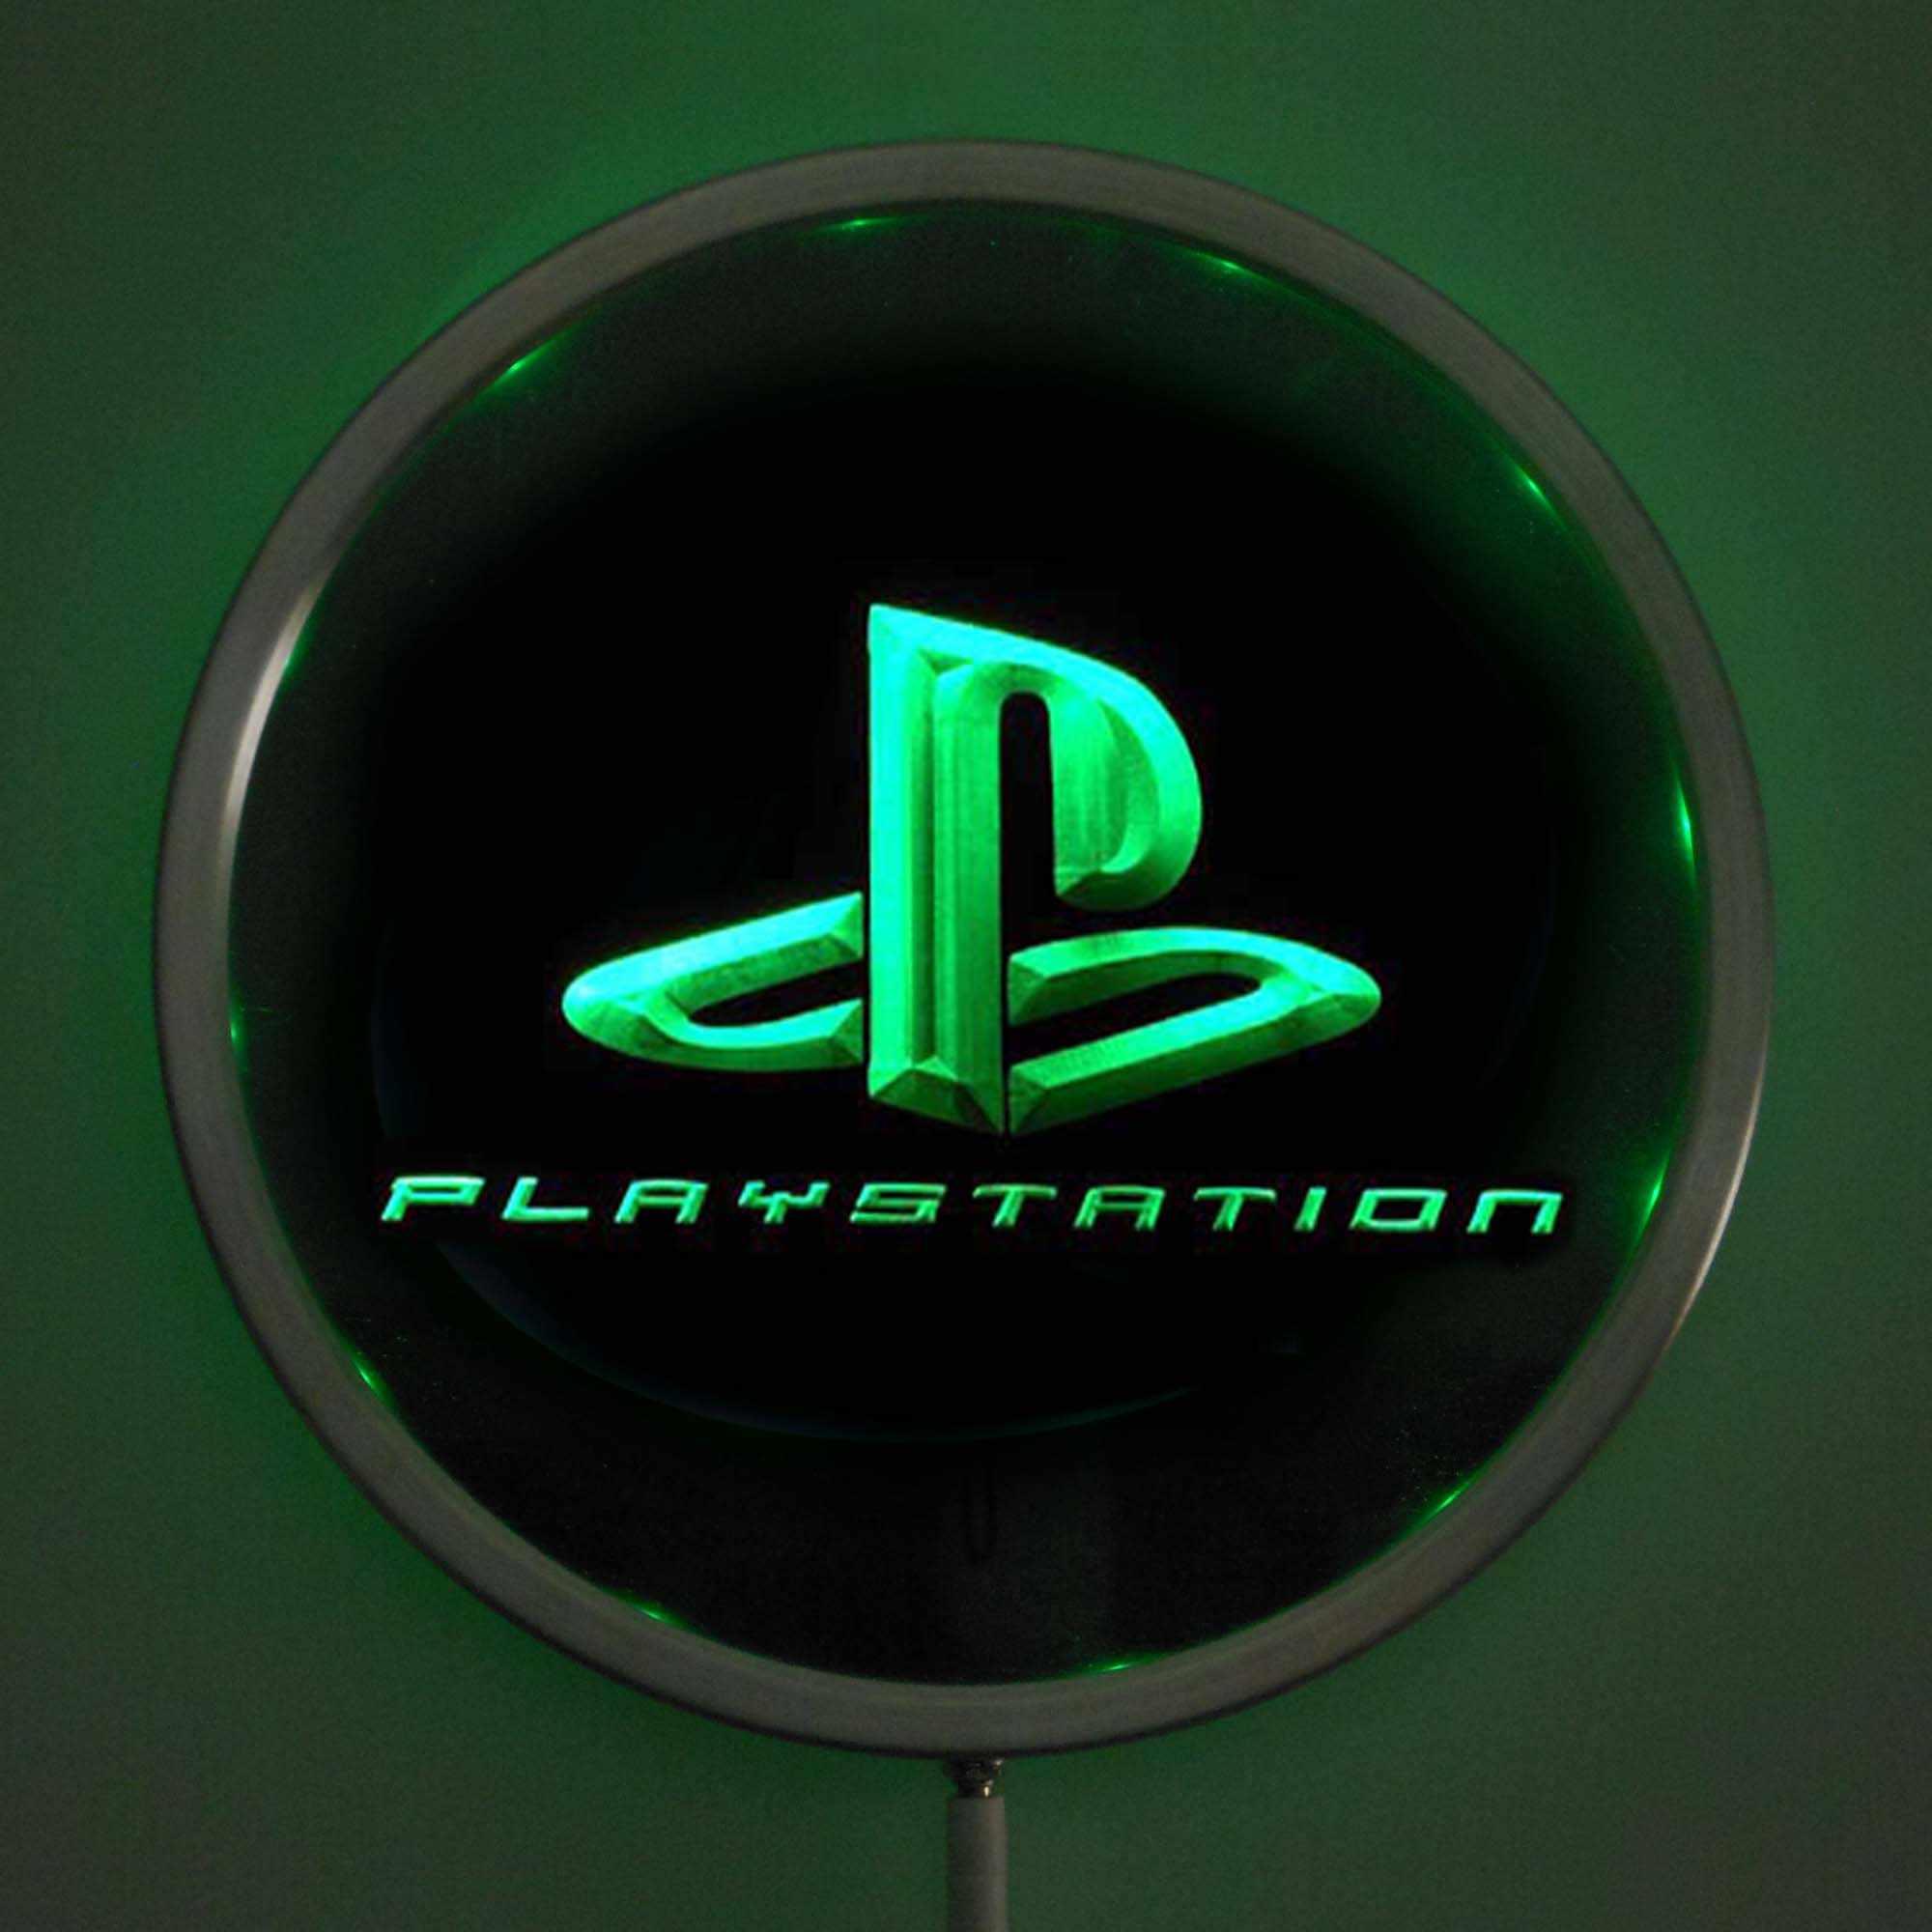 Rs-e0175 PS PlayStation Permainan LED Lampu Neon Bulat Signss 25 Cm/10 Inch-Bar Tanda-tanda dengan RGB Multi -Warna Remote Kontrol Nirkabel